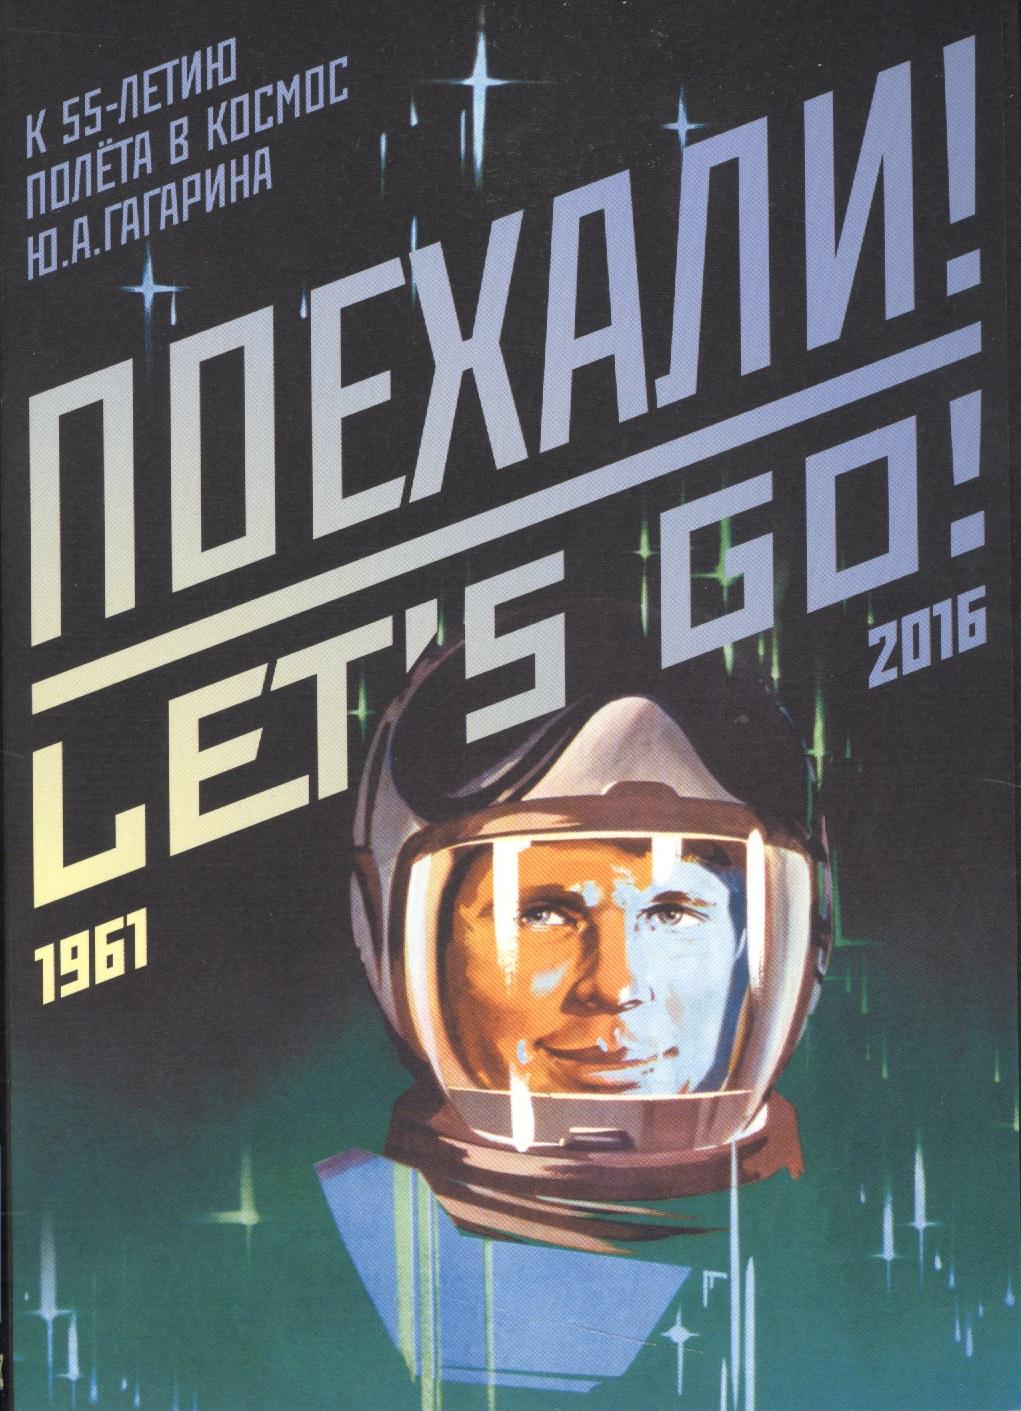 Поехали! К 55-летию полета в космос Ю.А. Гагарина